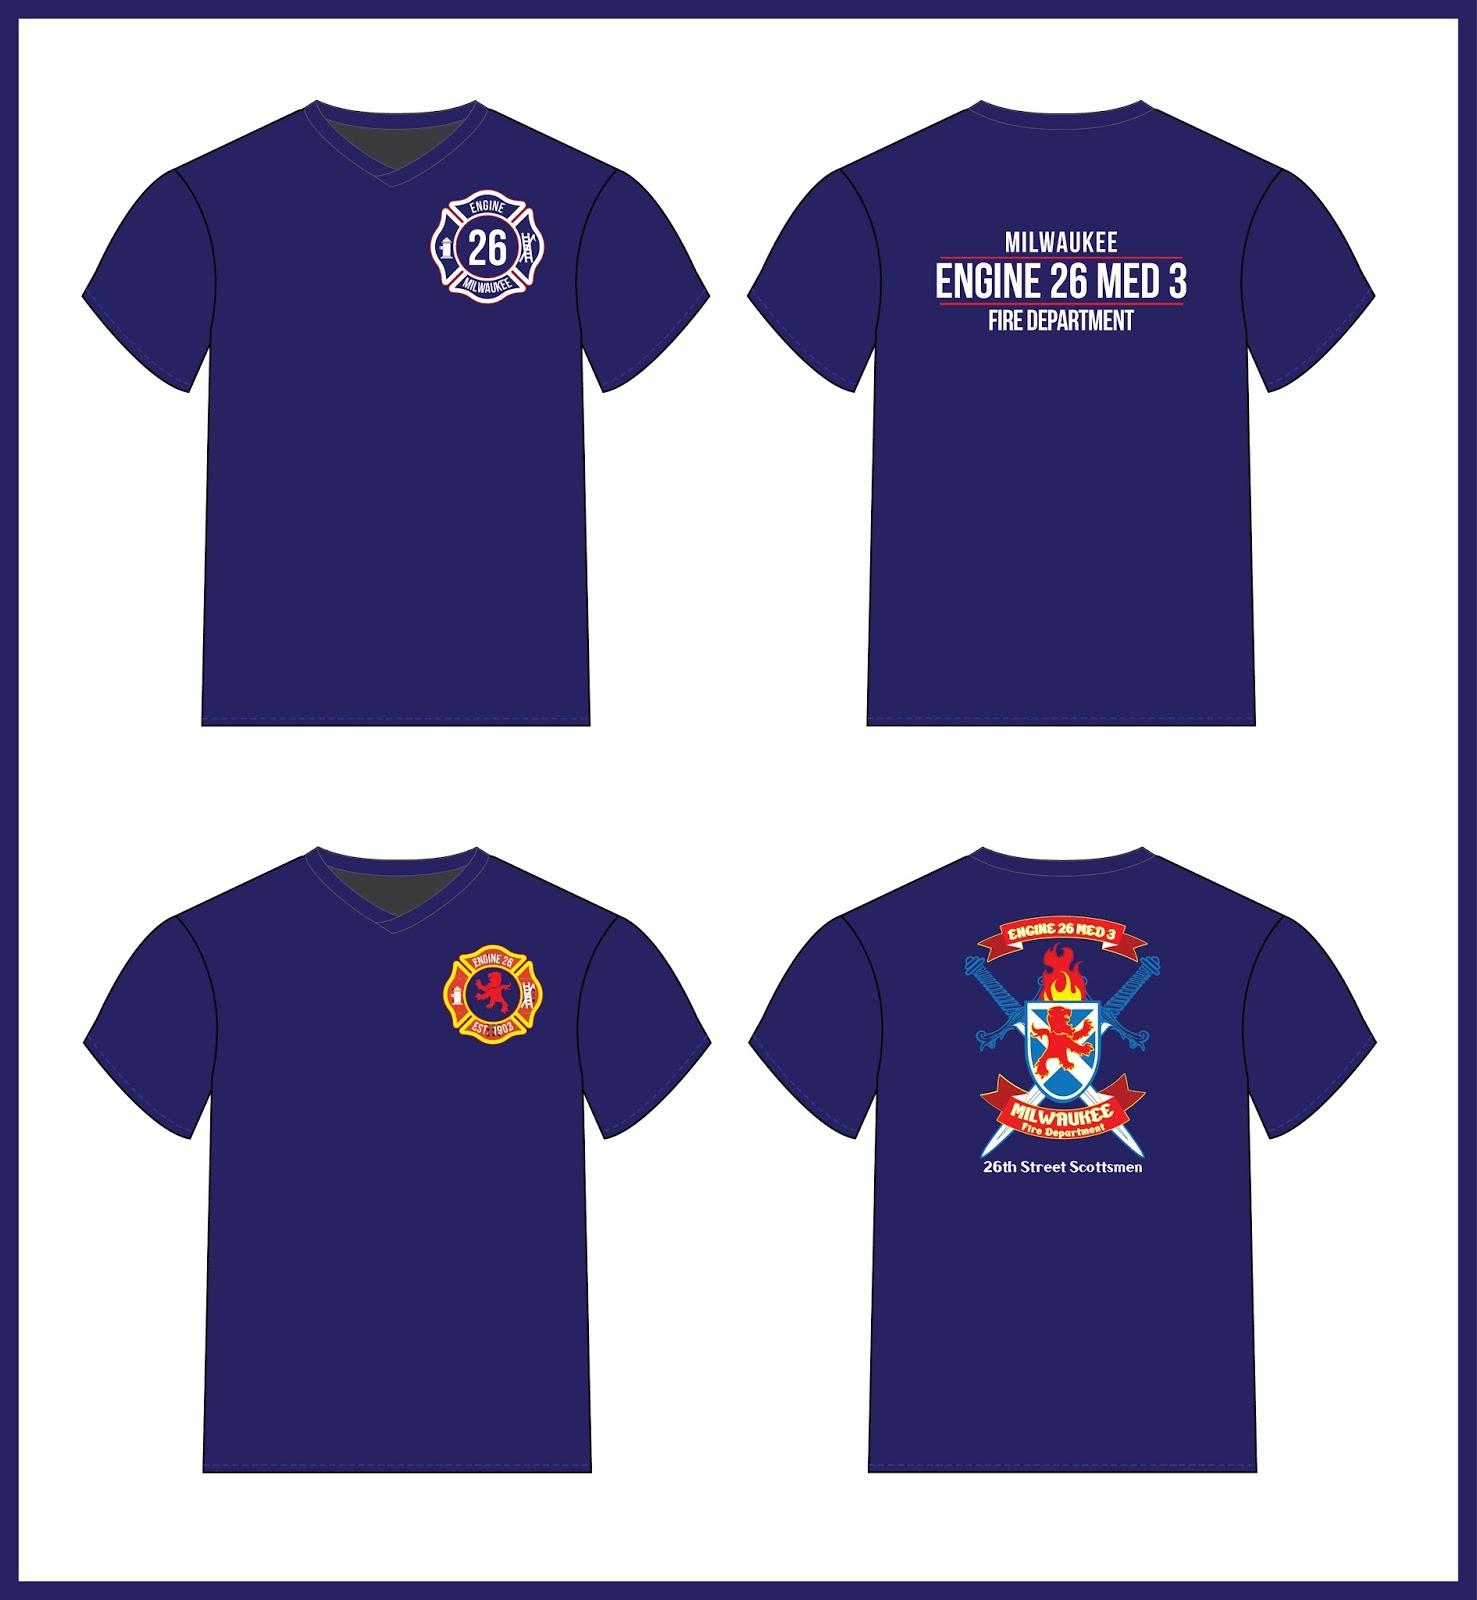 Hardrath design creative spontaneity milwaukee fire for Fire department tee shirt designs